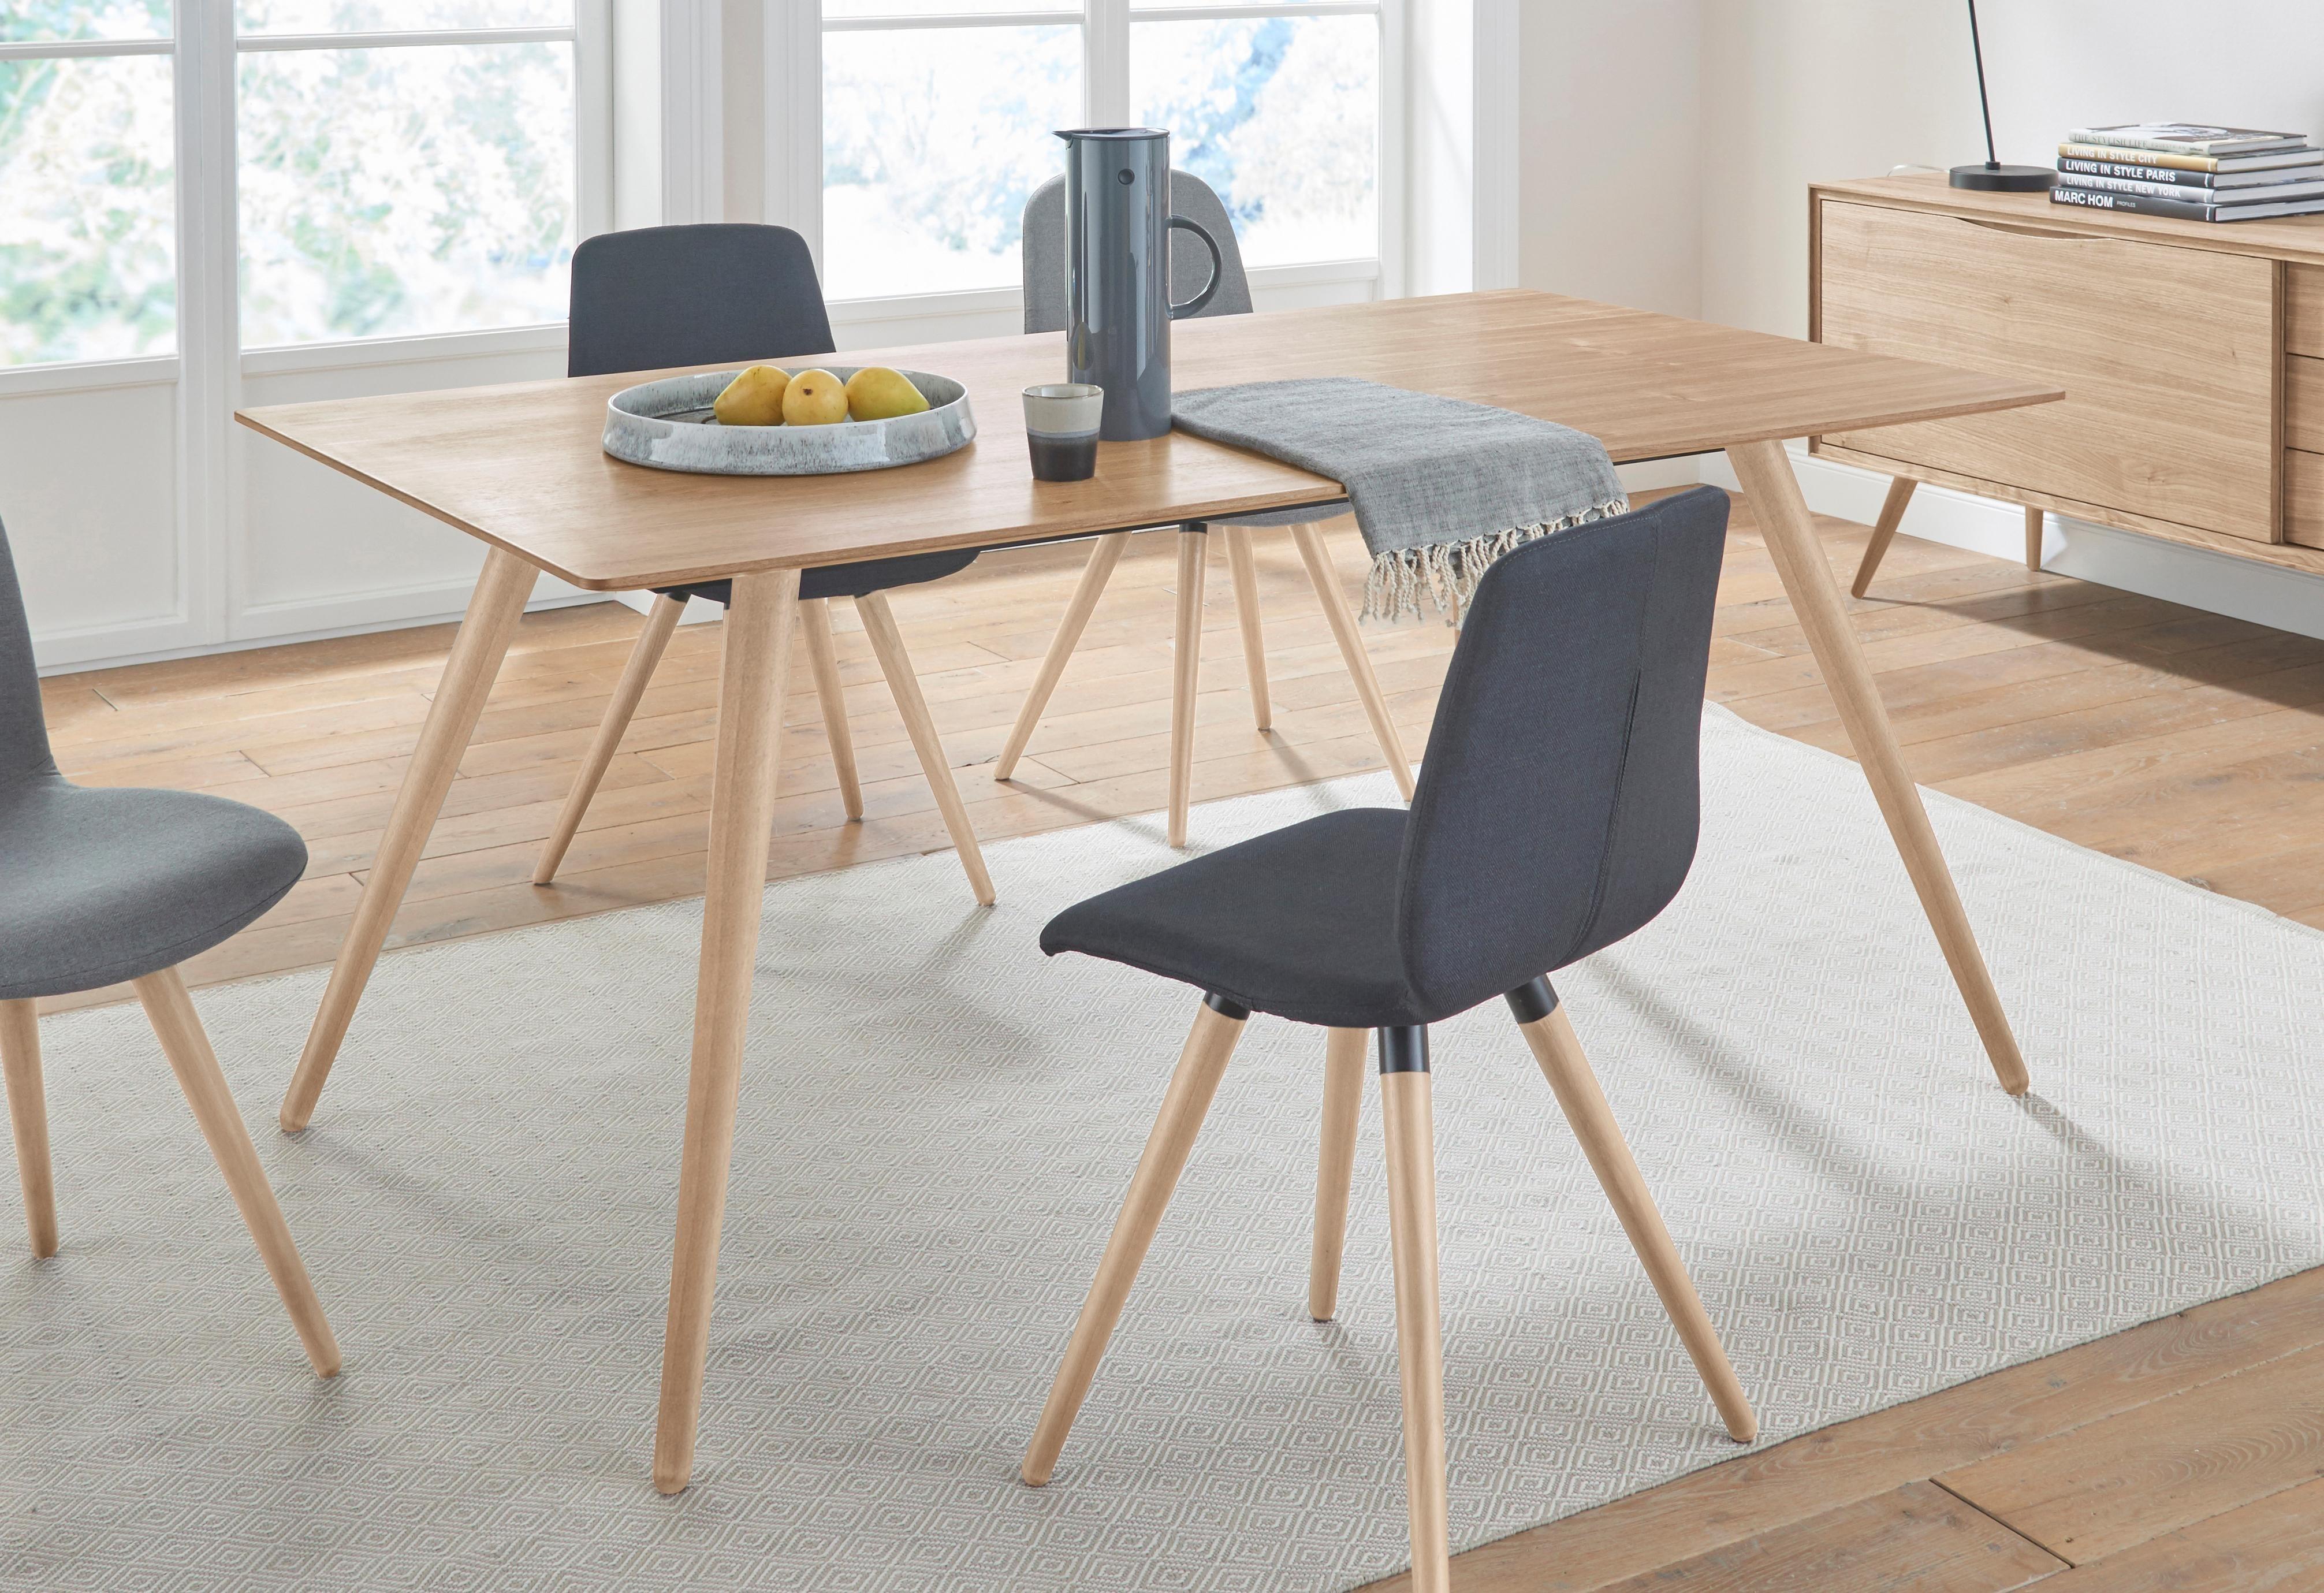 Esstische online kaufen | Möbel-Suchmaschine | ladendirekt.de - Seite 49